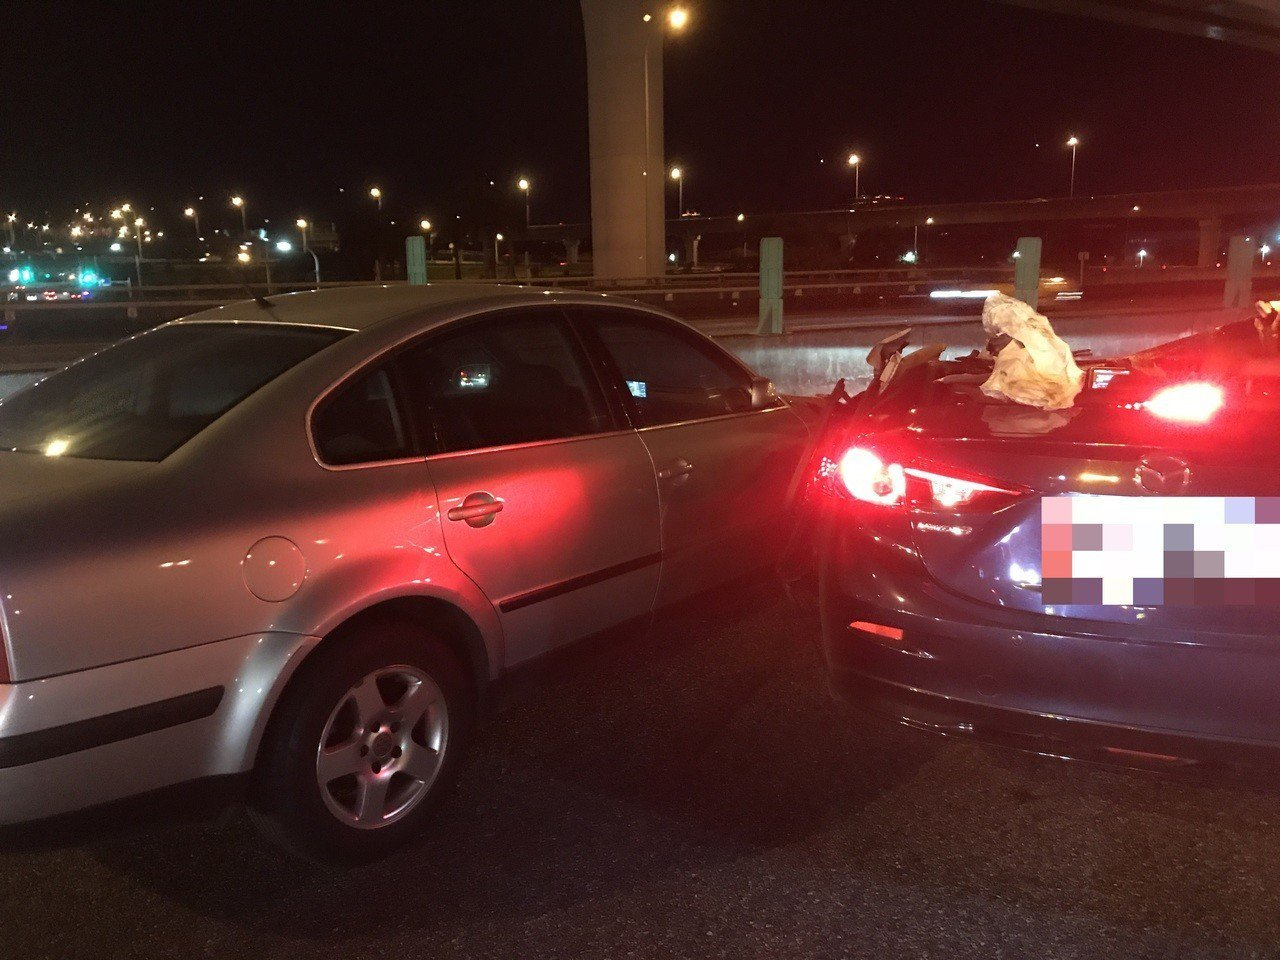 馬自達轎車(右)彈回車道,又撞上另1輛路過的轎車。記者林昭彰/翻攝